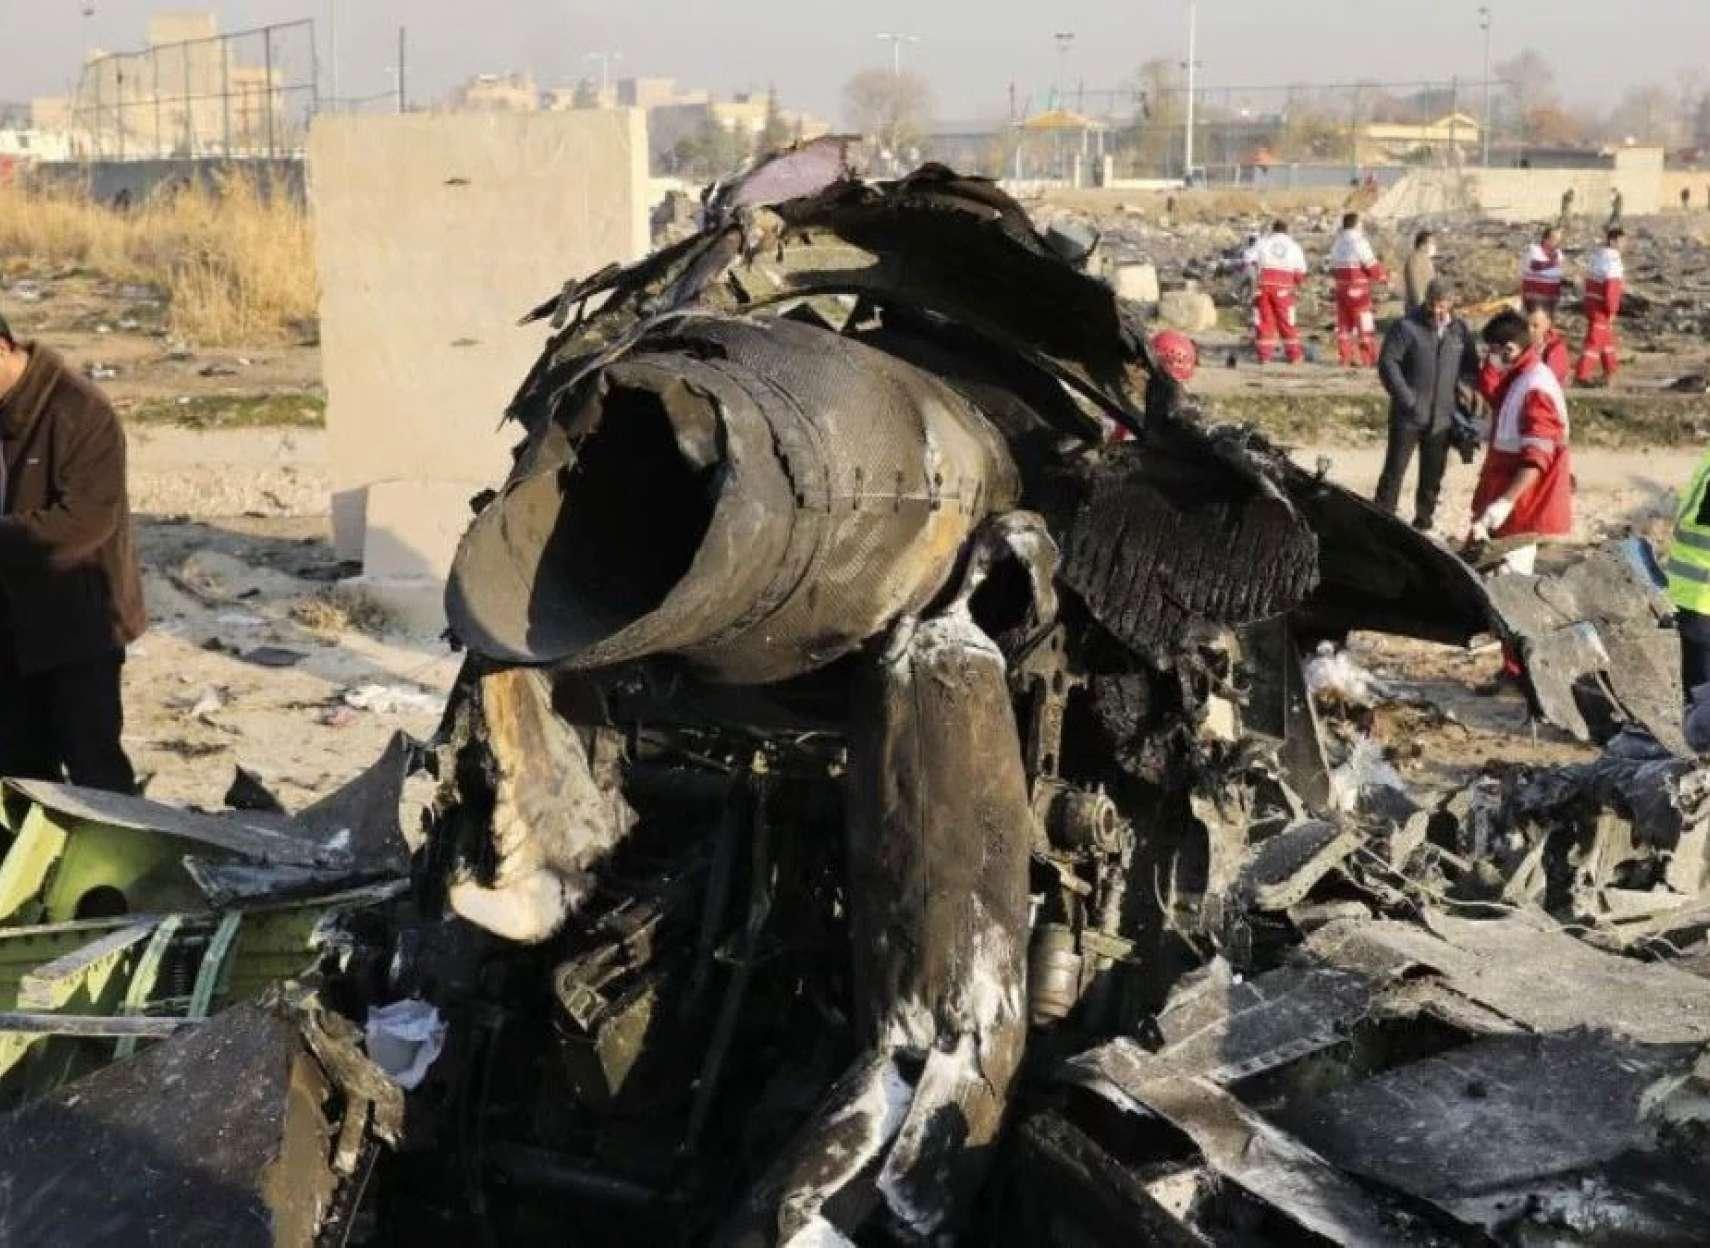 اخبار-کانادا-دادگاه-انتاریو-سقوط-تعمدی-هواپیمای-اوکراینی-اقدامی-تروریستی-بود